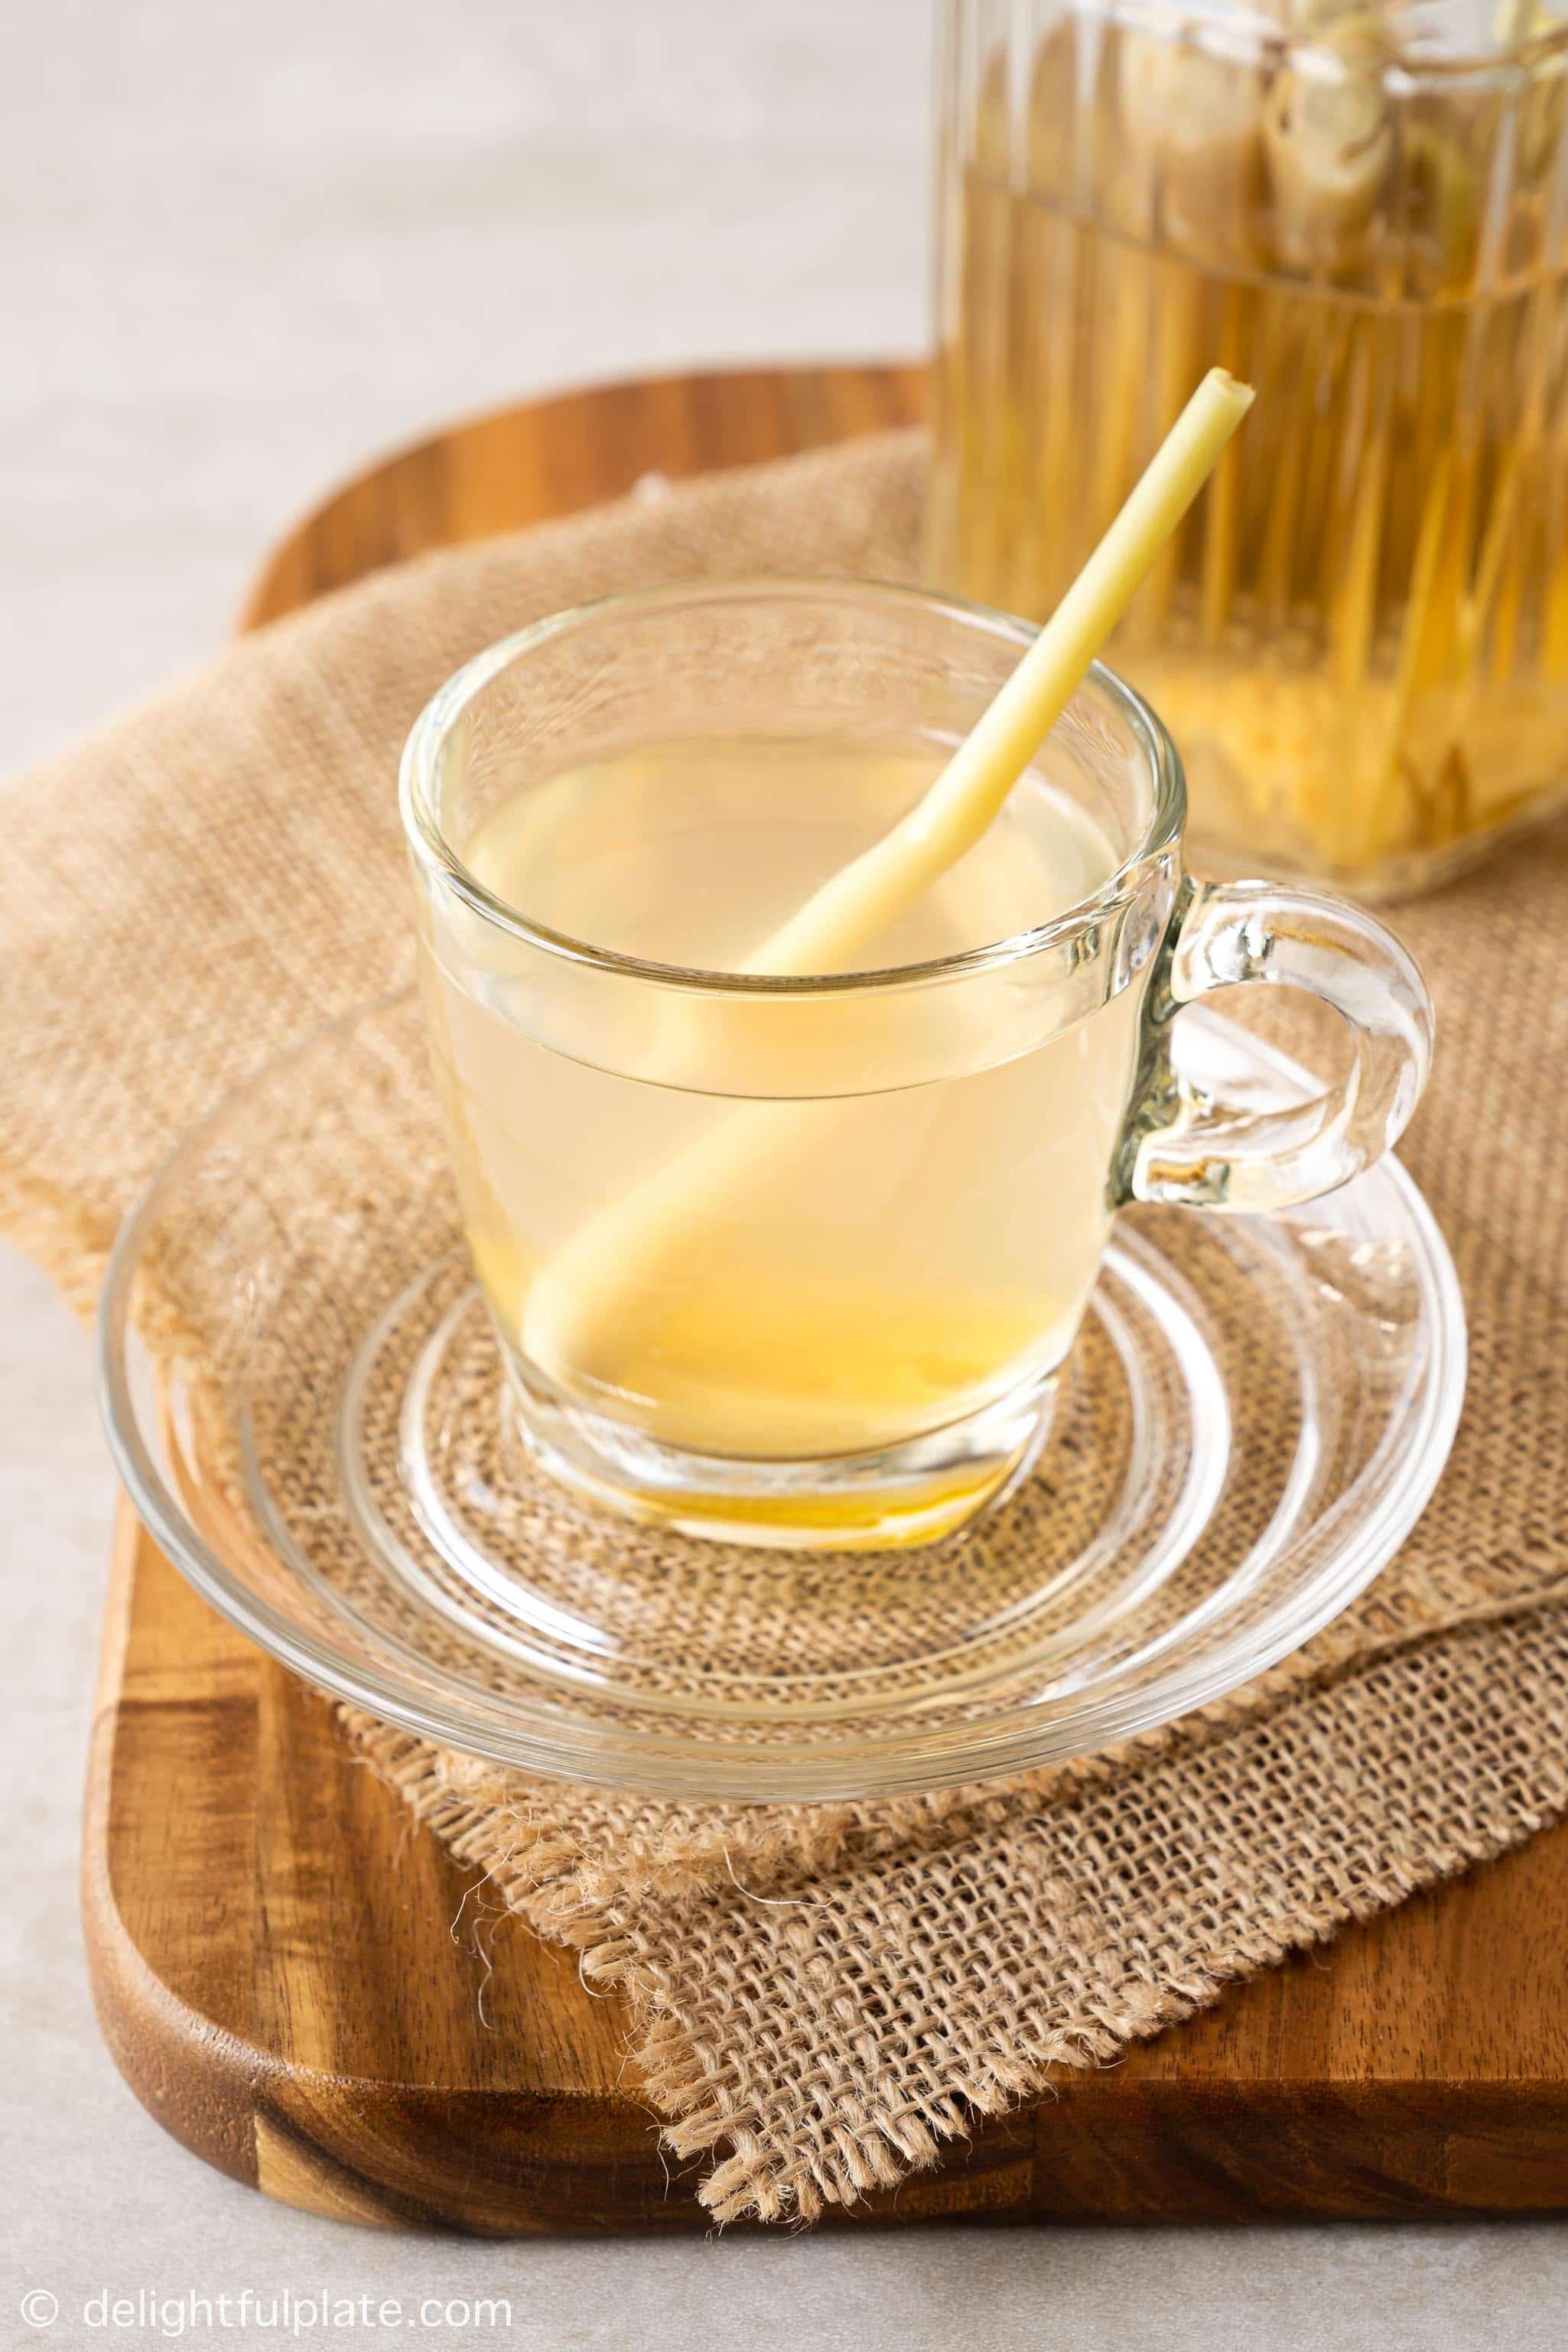 a glass of Vietnamese lemongrass ginger tea (tra gung sa)